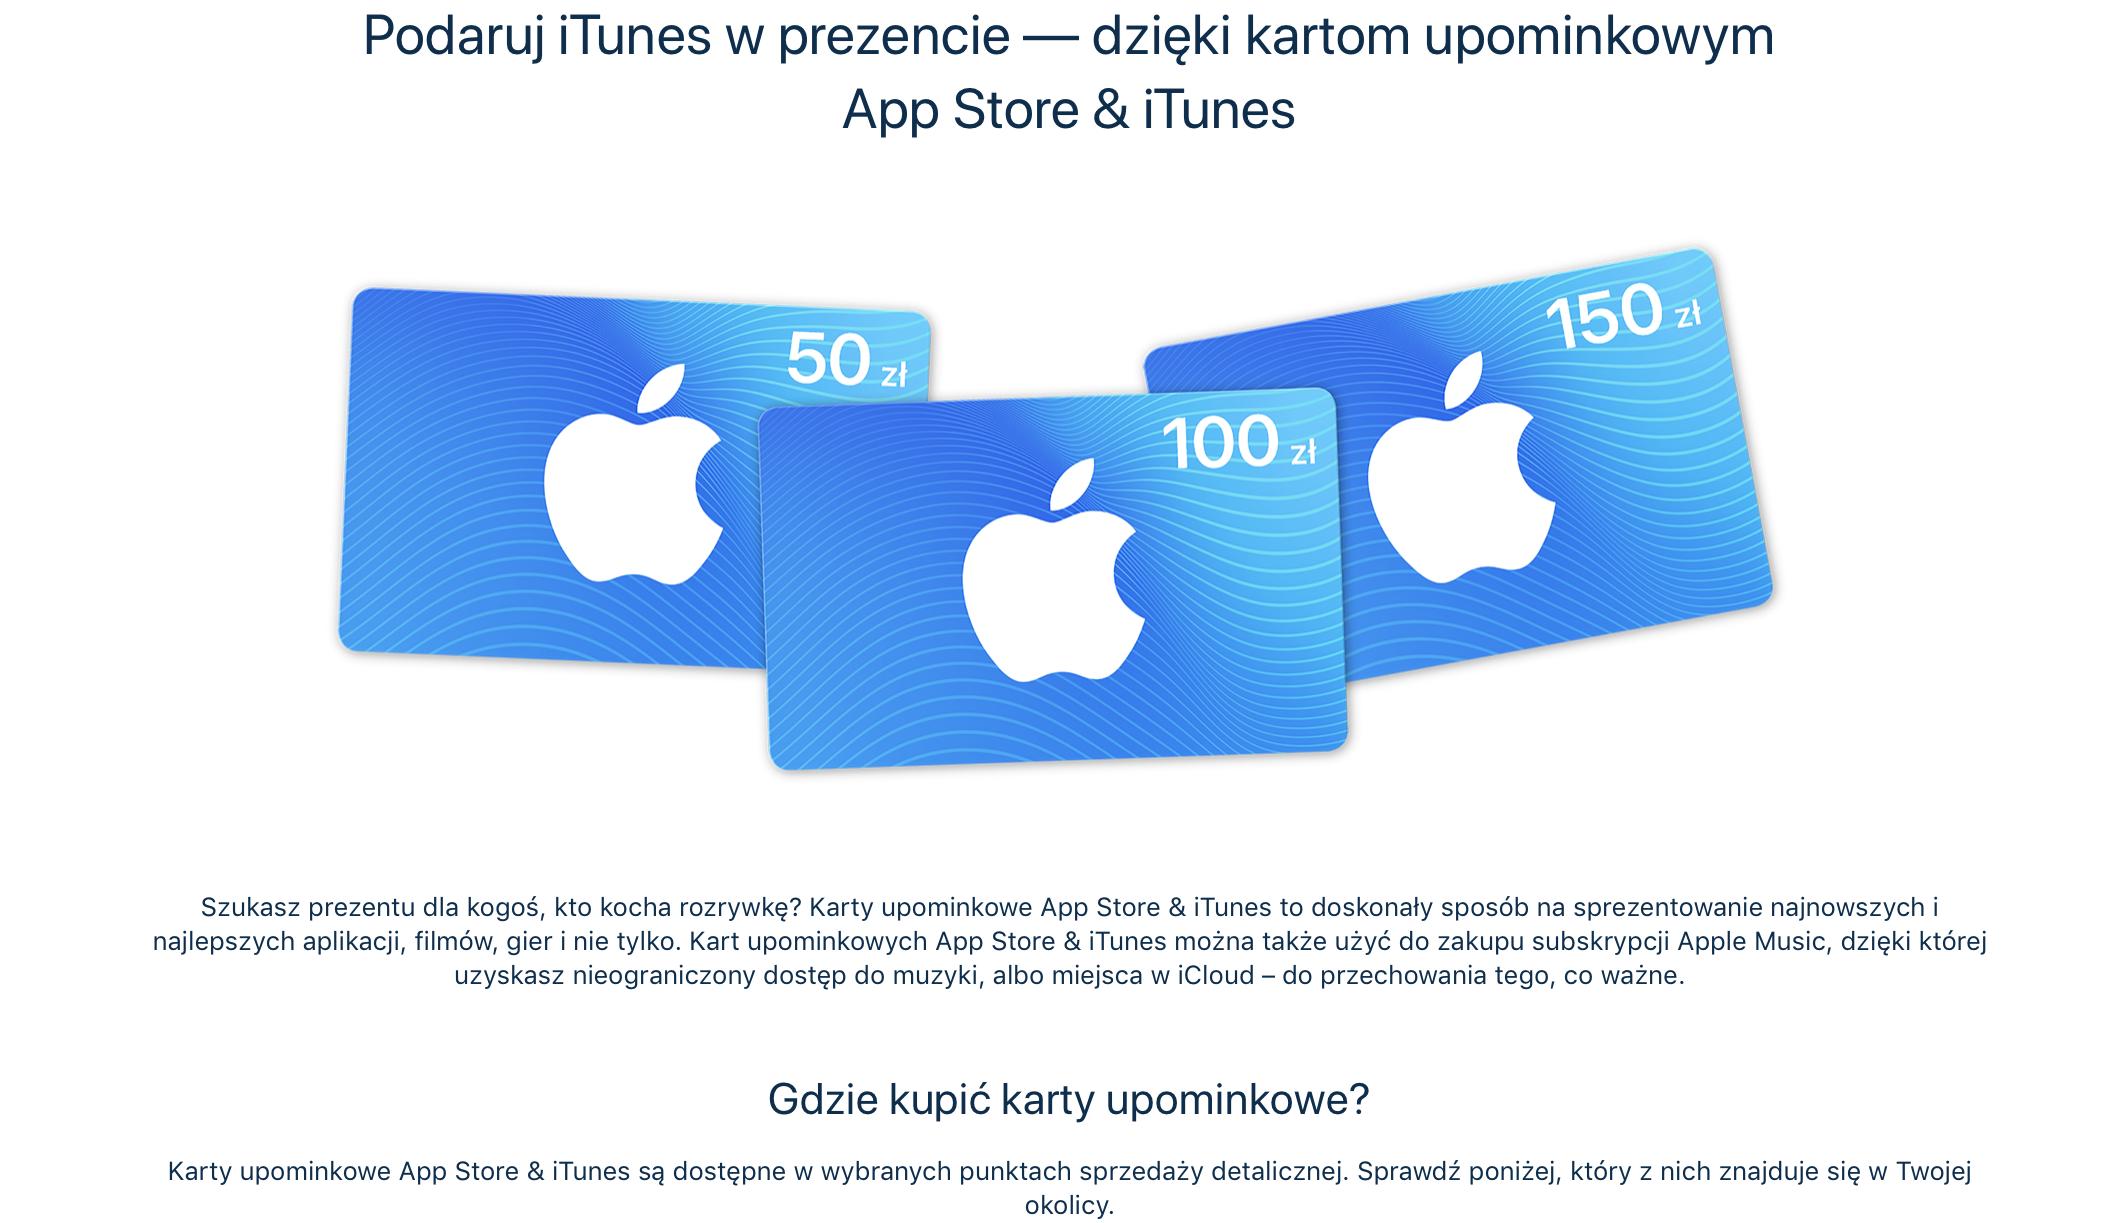 Karty Podarunkowe Od Apple Oficjalnie W Polsce Imagazine